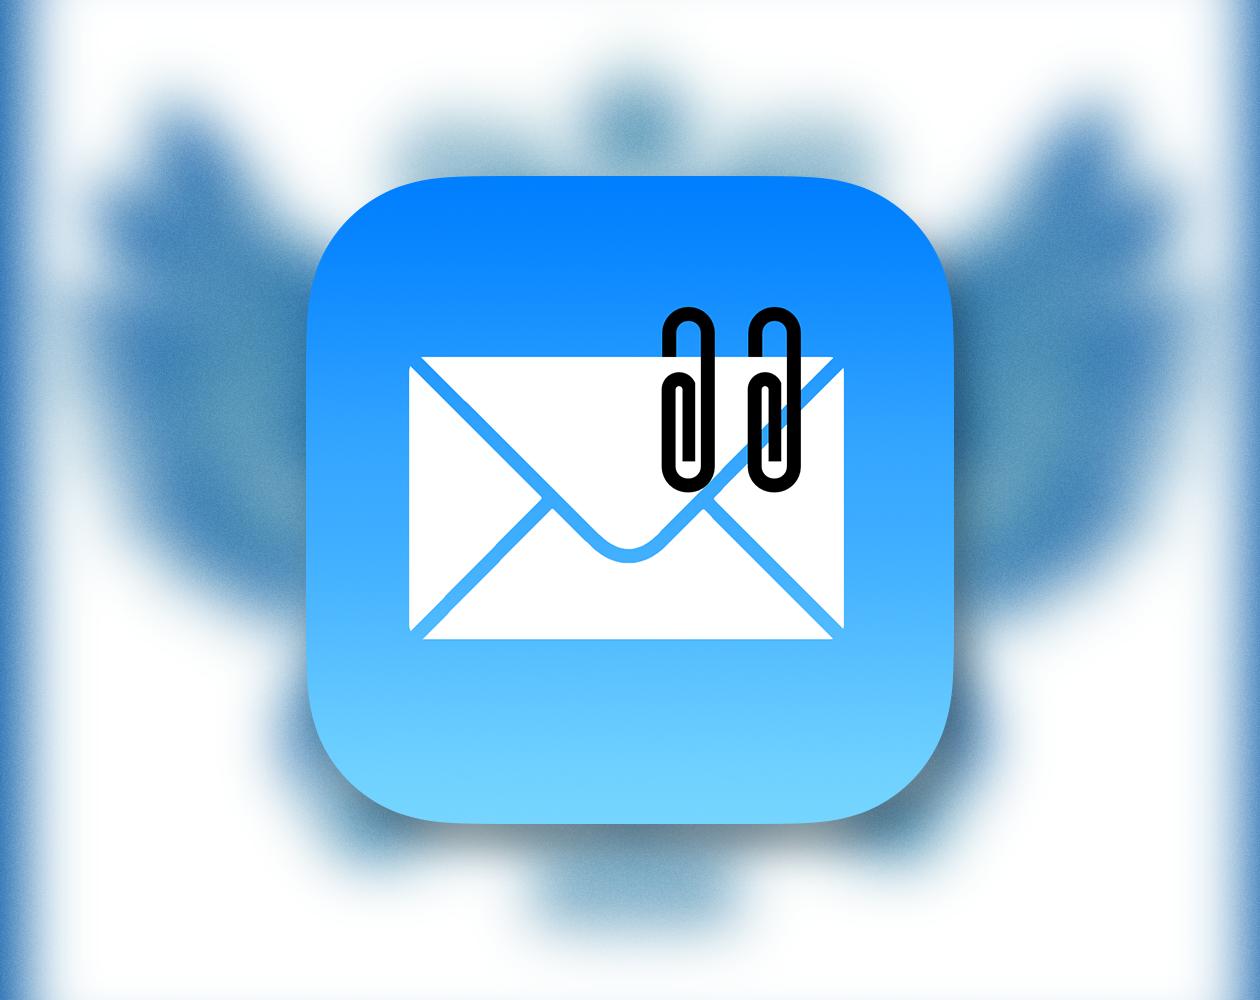 Multiple Attachments: как отправить несколько вложений в Почте iOS одним письмом